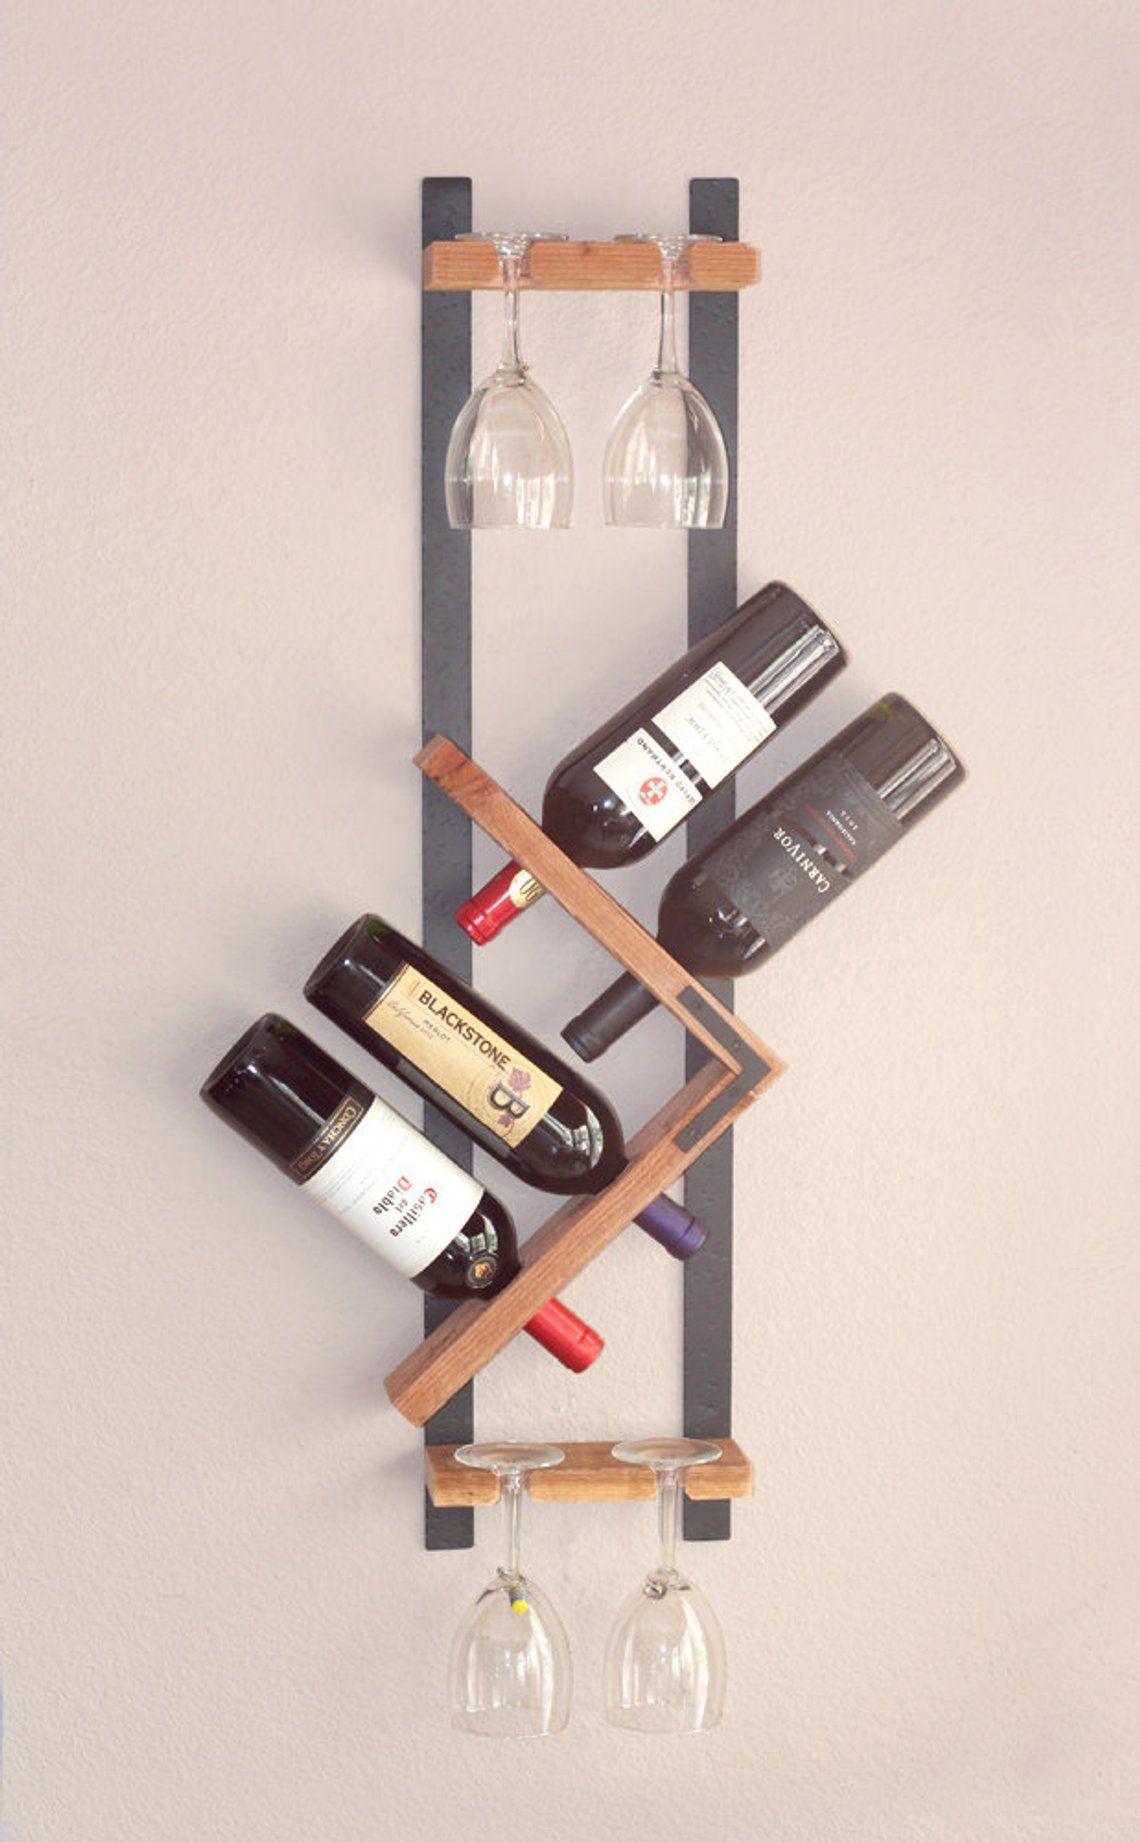 Rack De Vin Moderne De Mur Mur De Support De Vin De Zig Zag Porte Bouteilles De Vin Affichage Vertical De Vin Unique Casier Vin Etageres A Bouteilles De Vin Bouteille De Vin